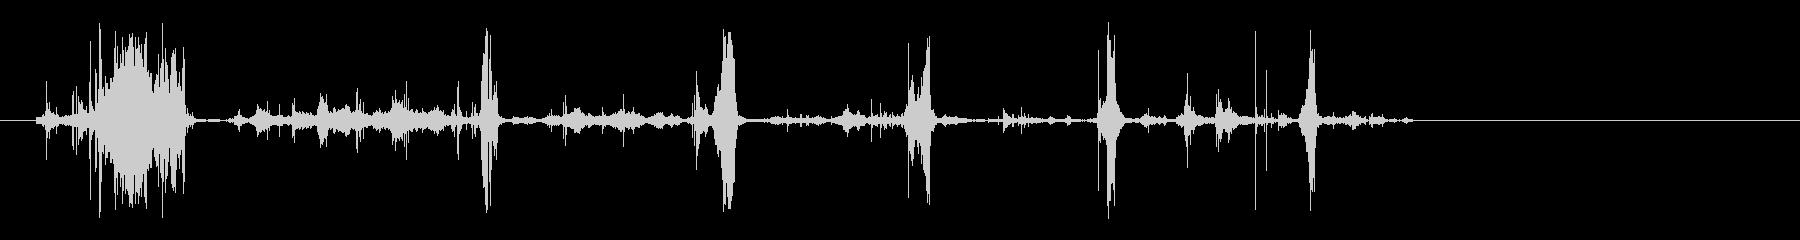 録音、ビリビリと紙を破る音の未再生の波形